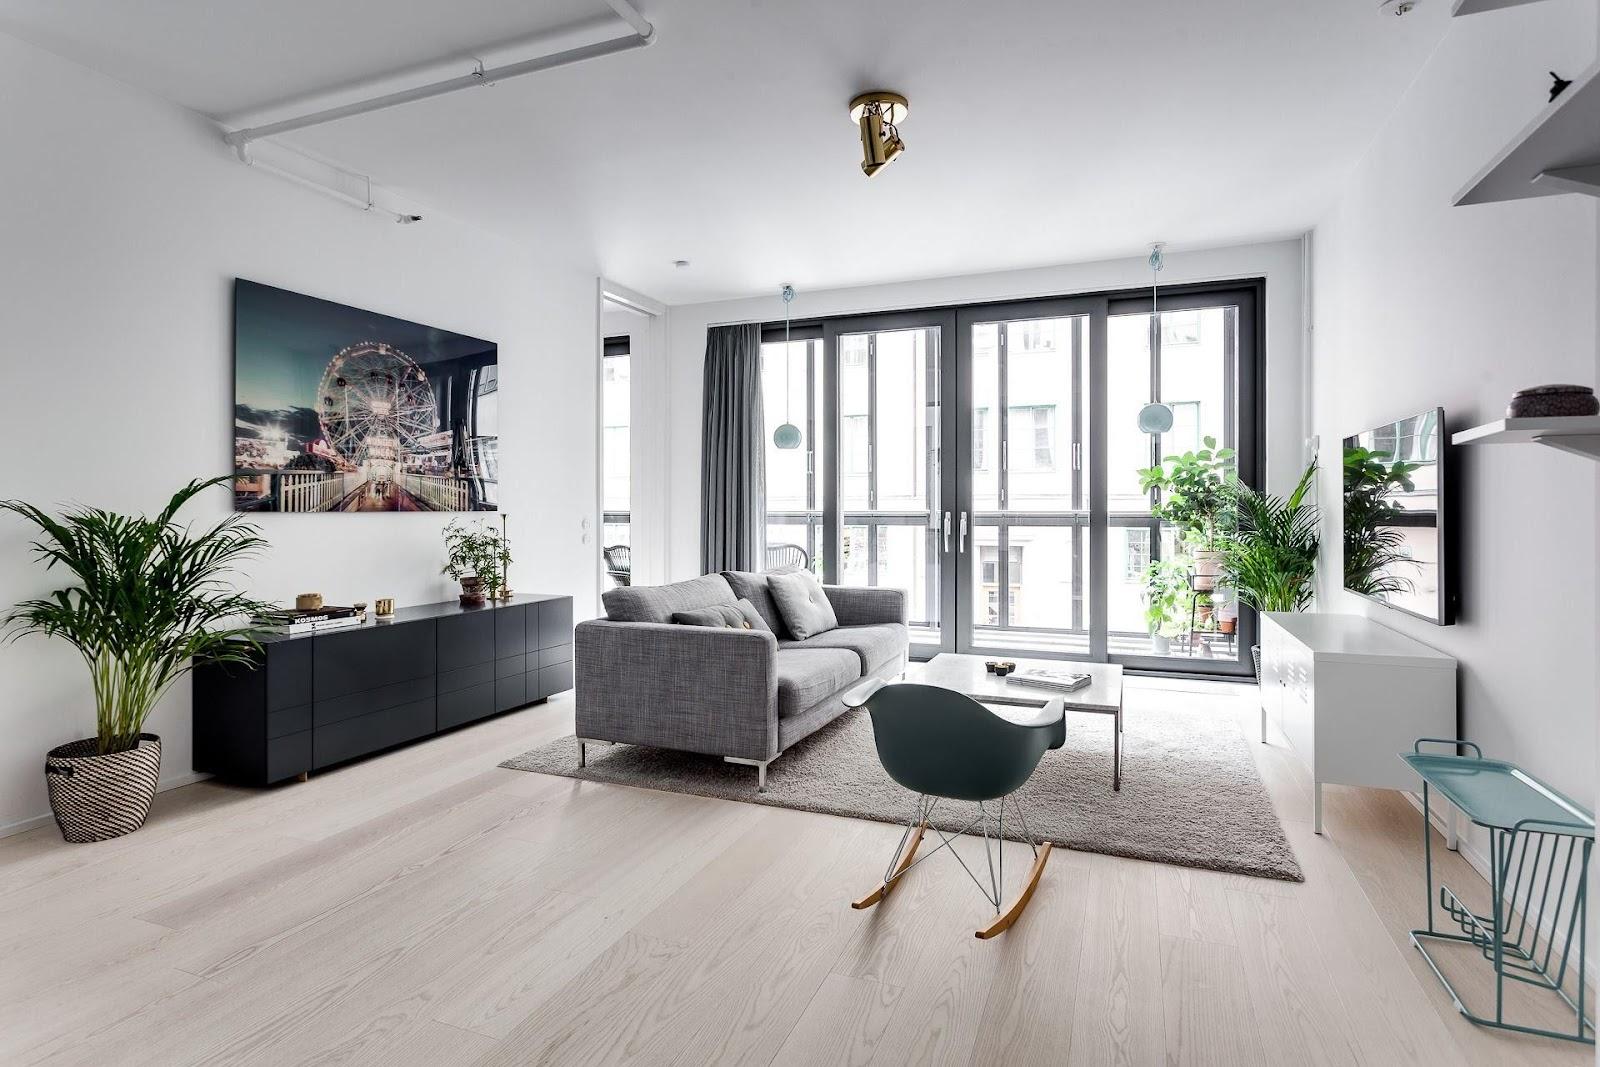 Kết quả hình ảnh cho Mẫu thiết kế nội thất chung cư theo kiểu Bắc Âu